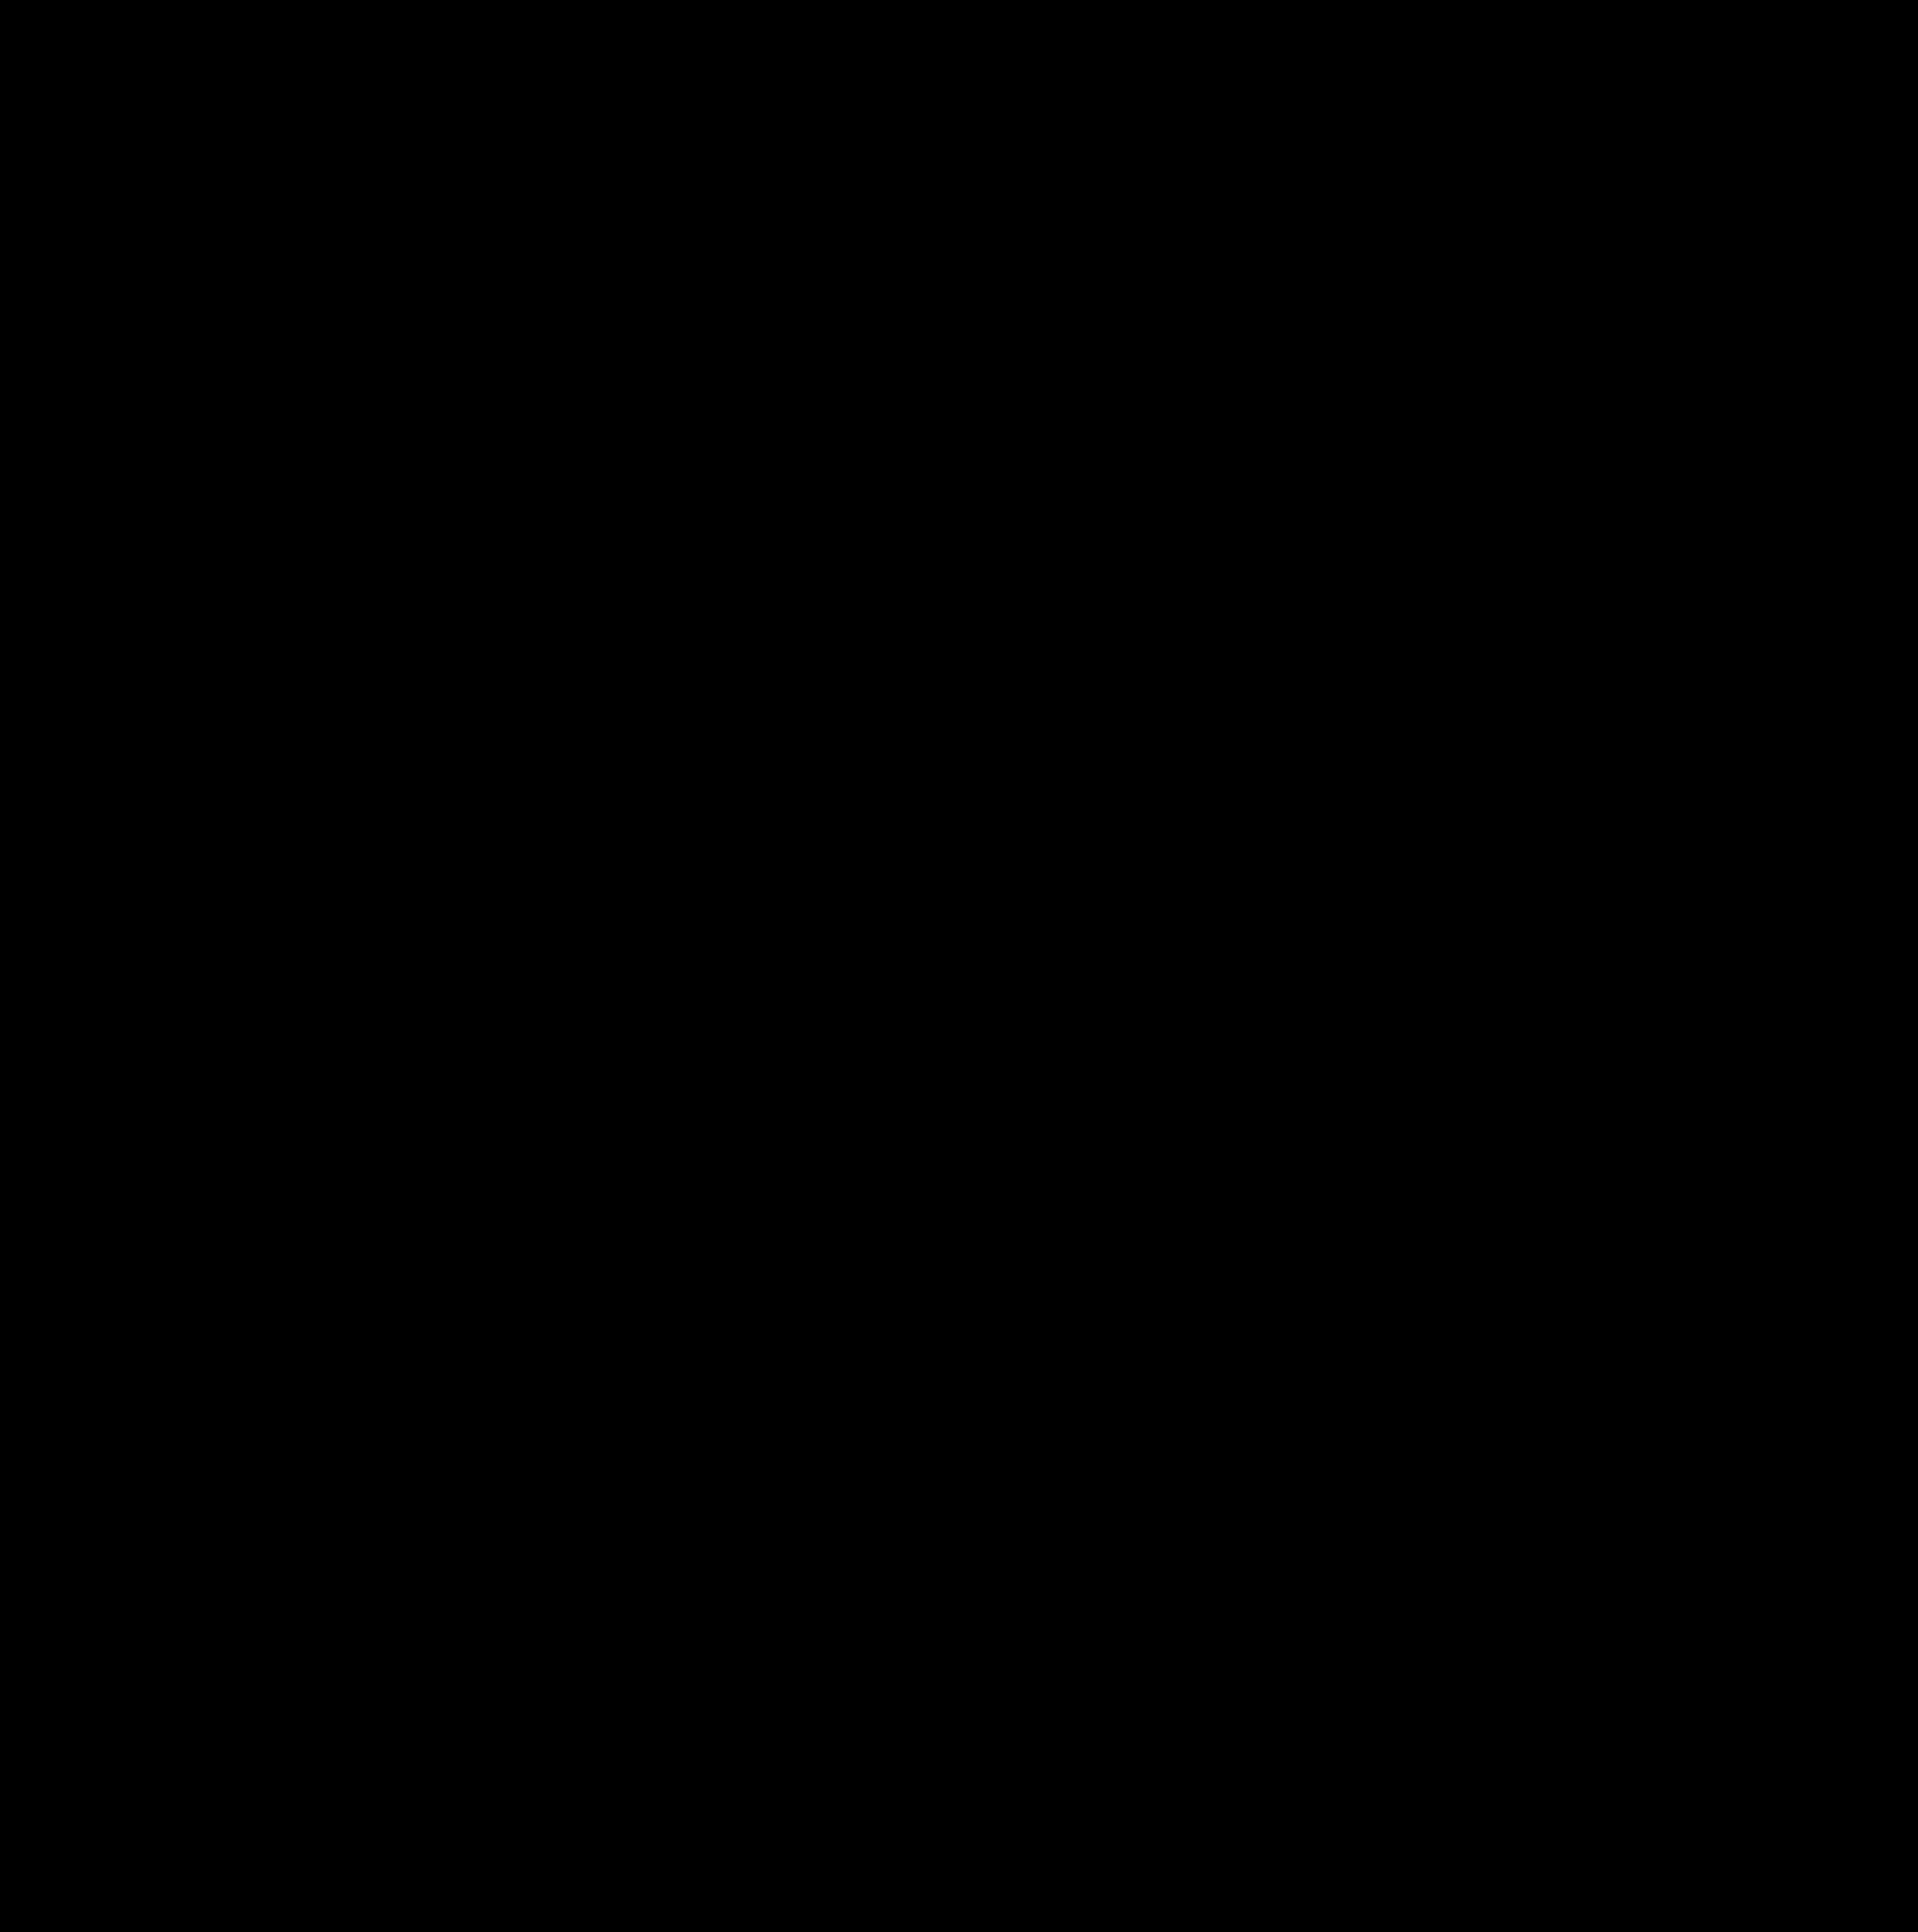 Virtual DJ Logo PNG Transparent & SVG Vector.